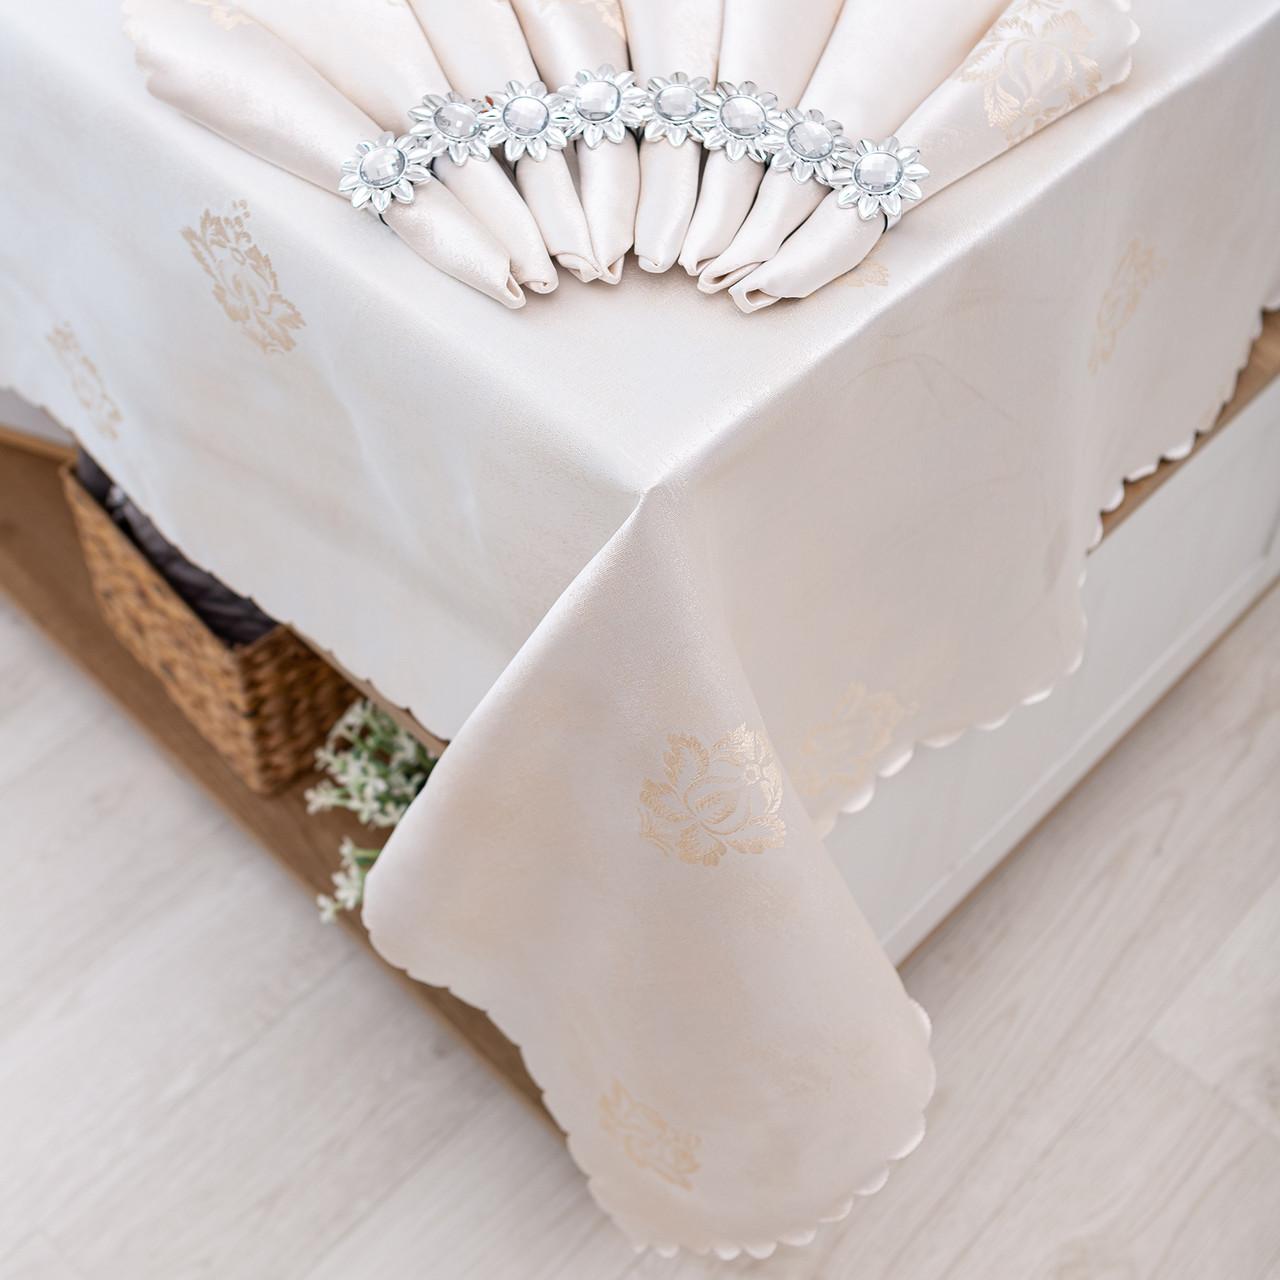 Скатерть и салфетками с кольцами 150х220